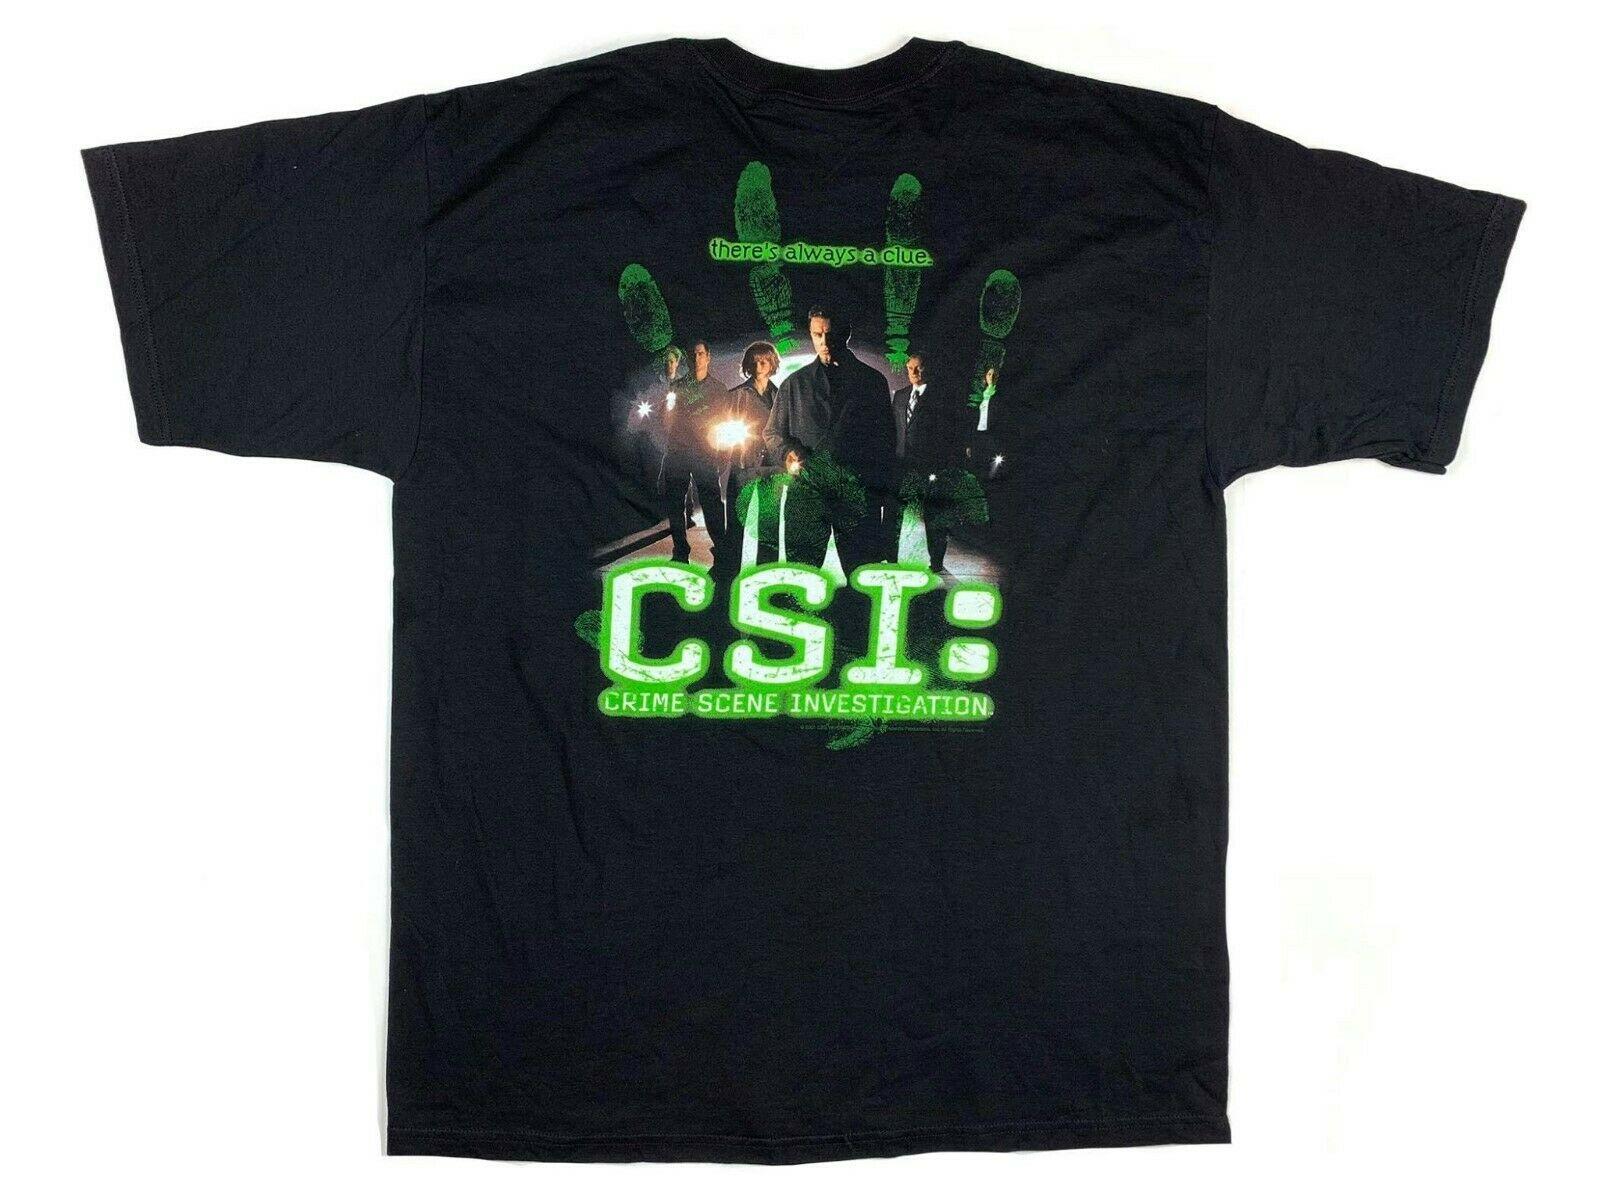 2001 Csi место происшествия исследование ТВ шоу промо футболка с тегами Xl подходит Xxl